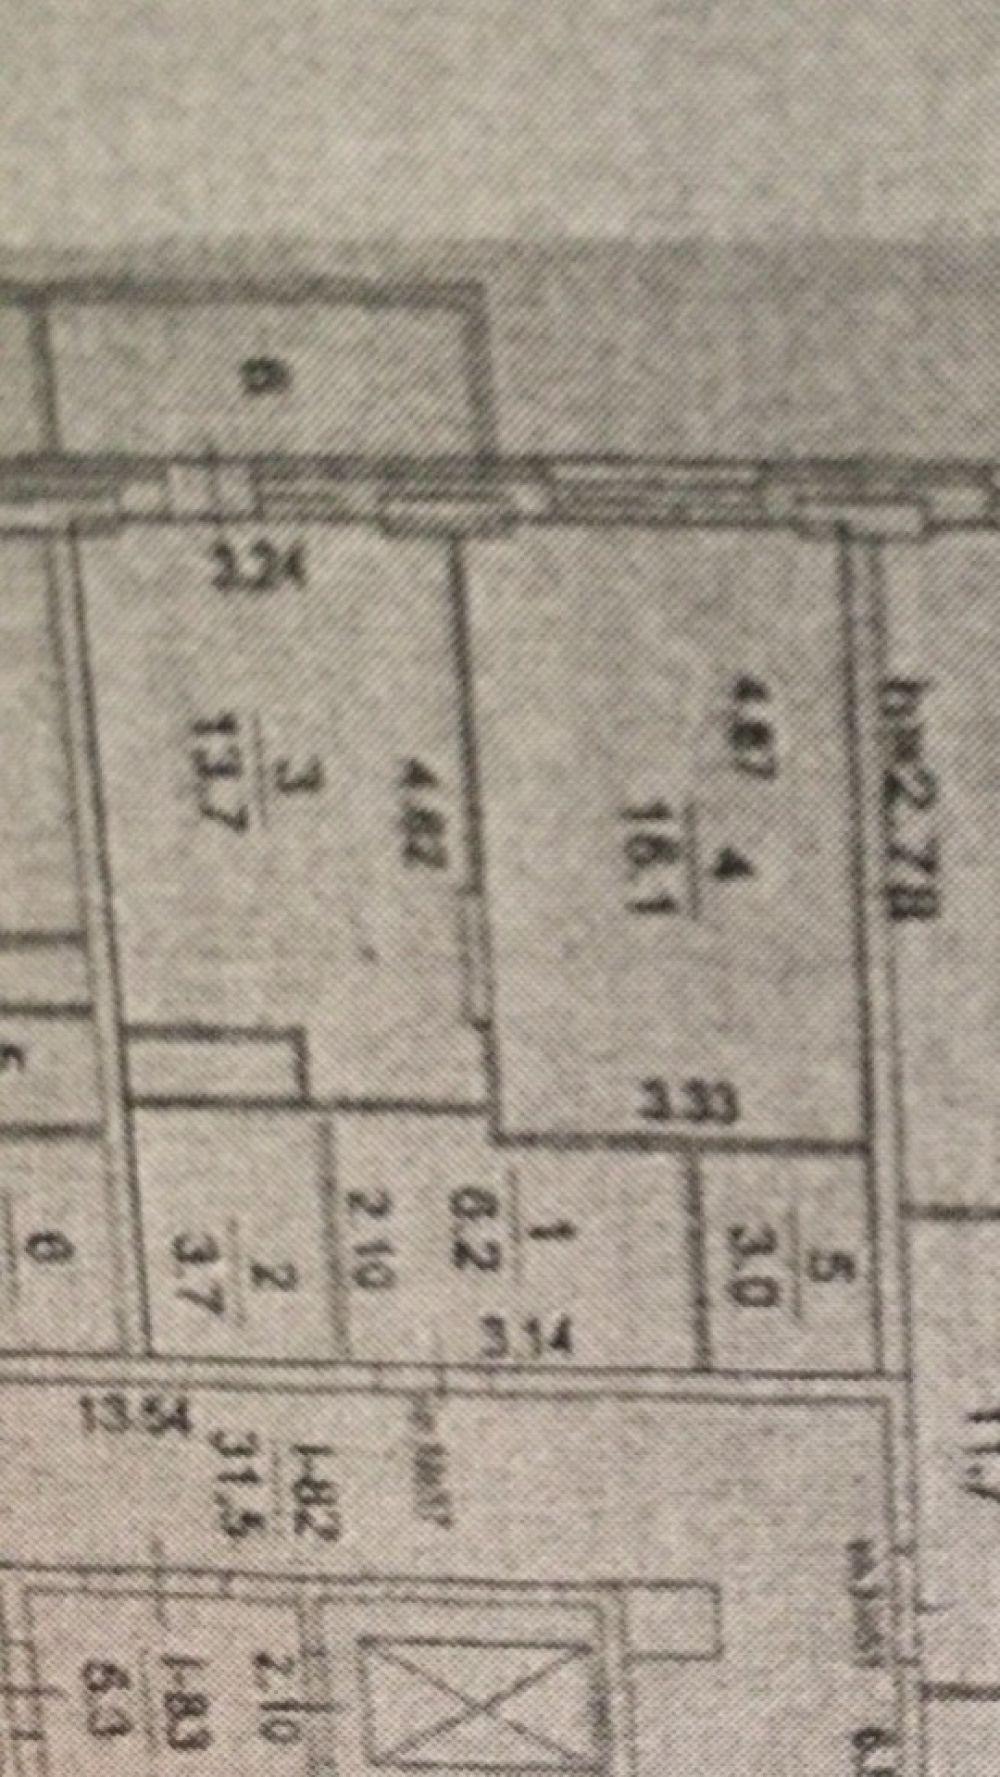 1-к квартира, 44.9 м2, Щелково, Богородский, 5, фото 9